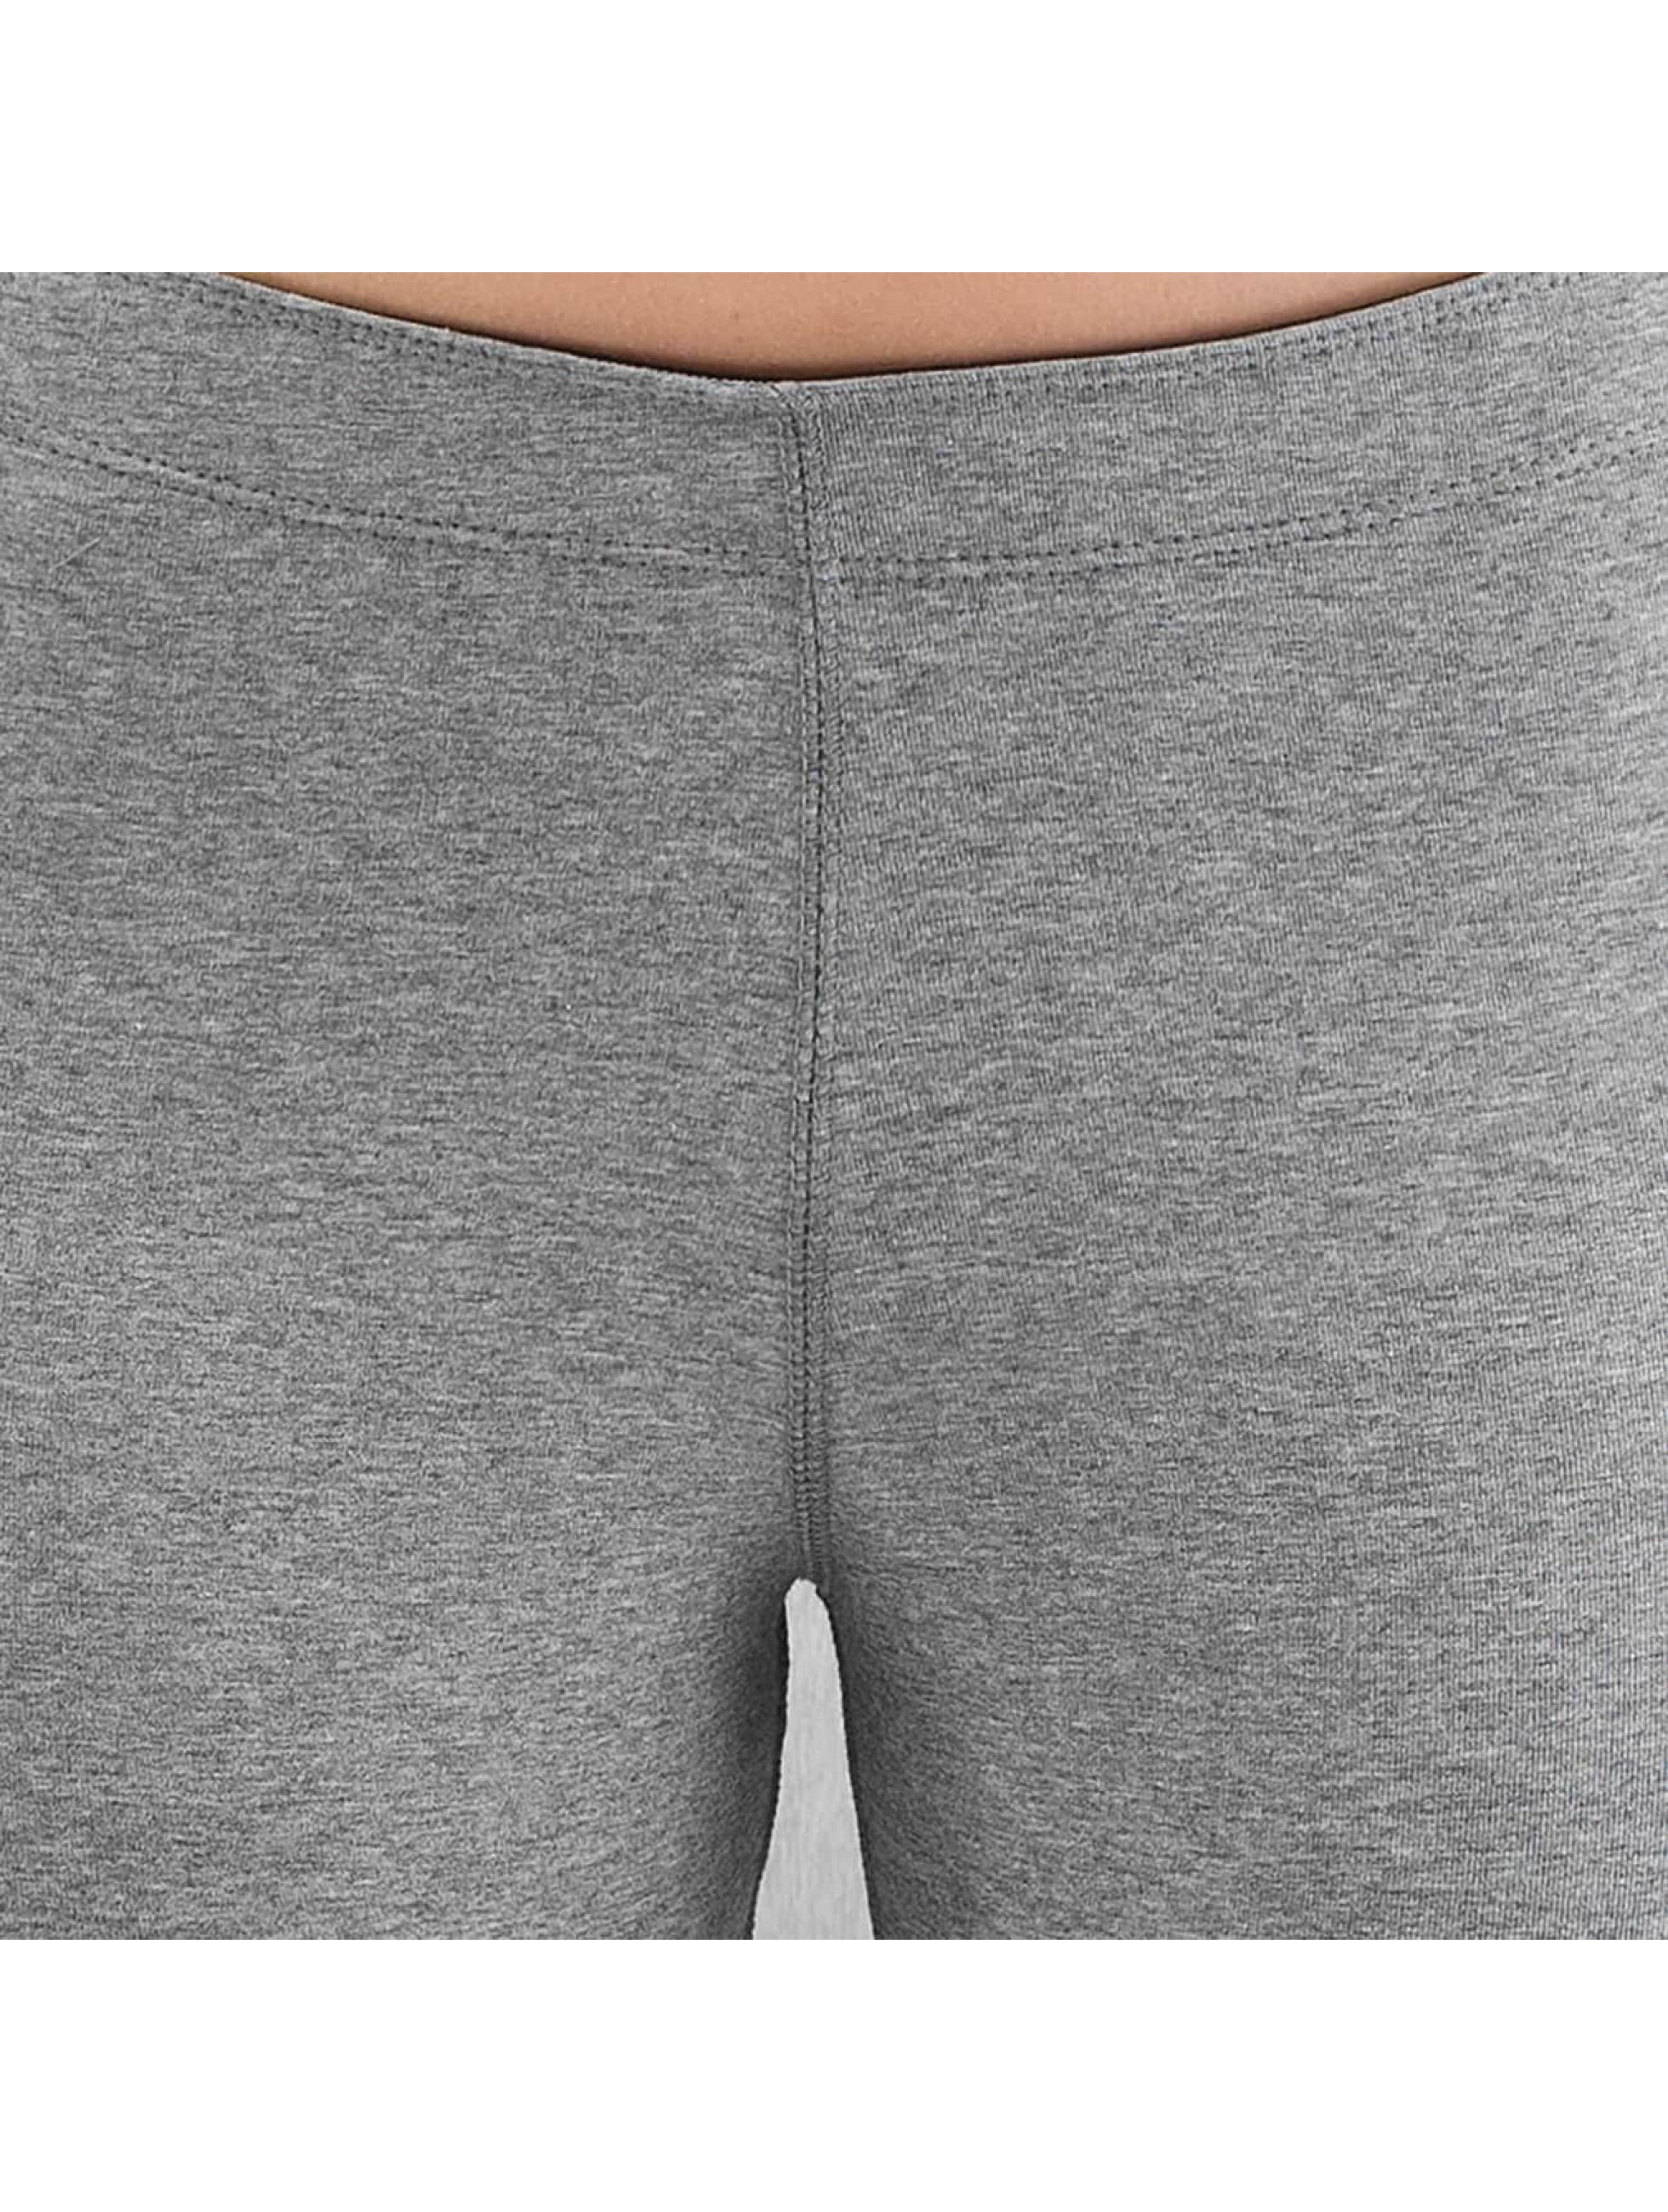 Nike Leggings/Treggings Sportswear szary